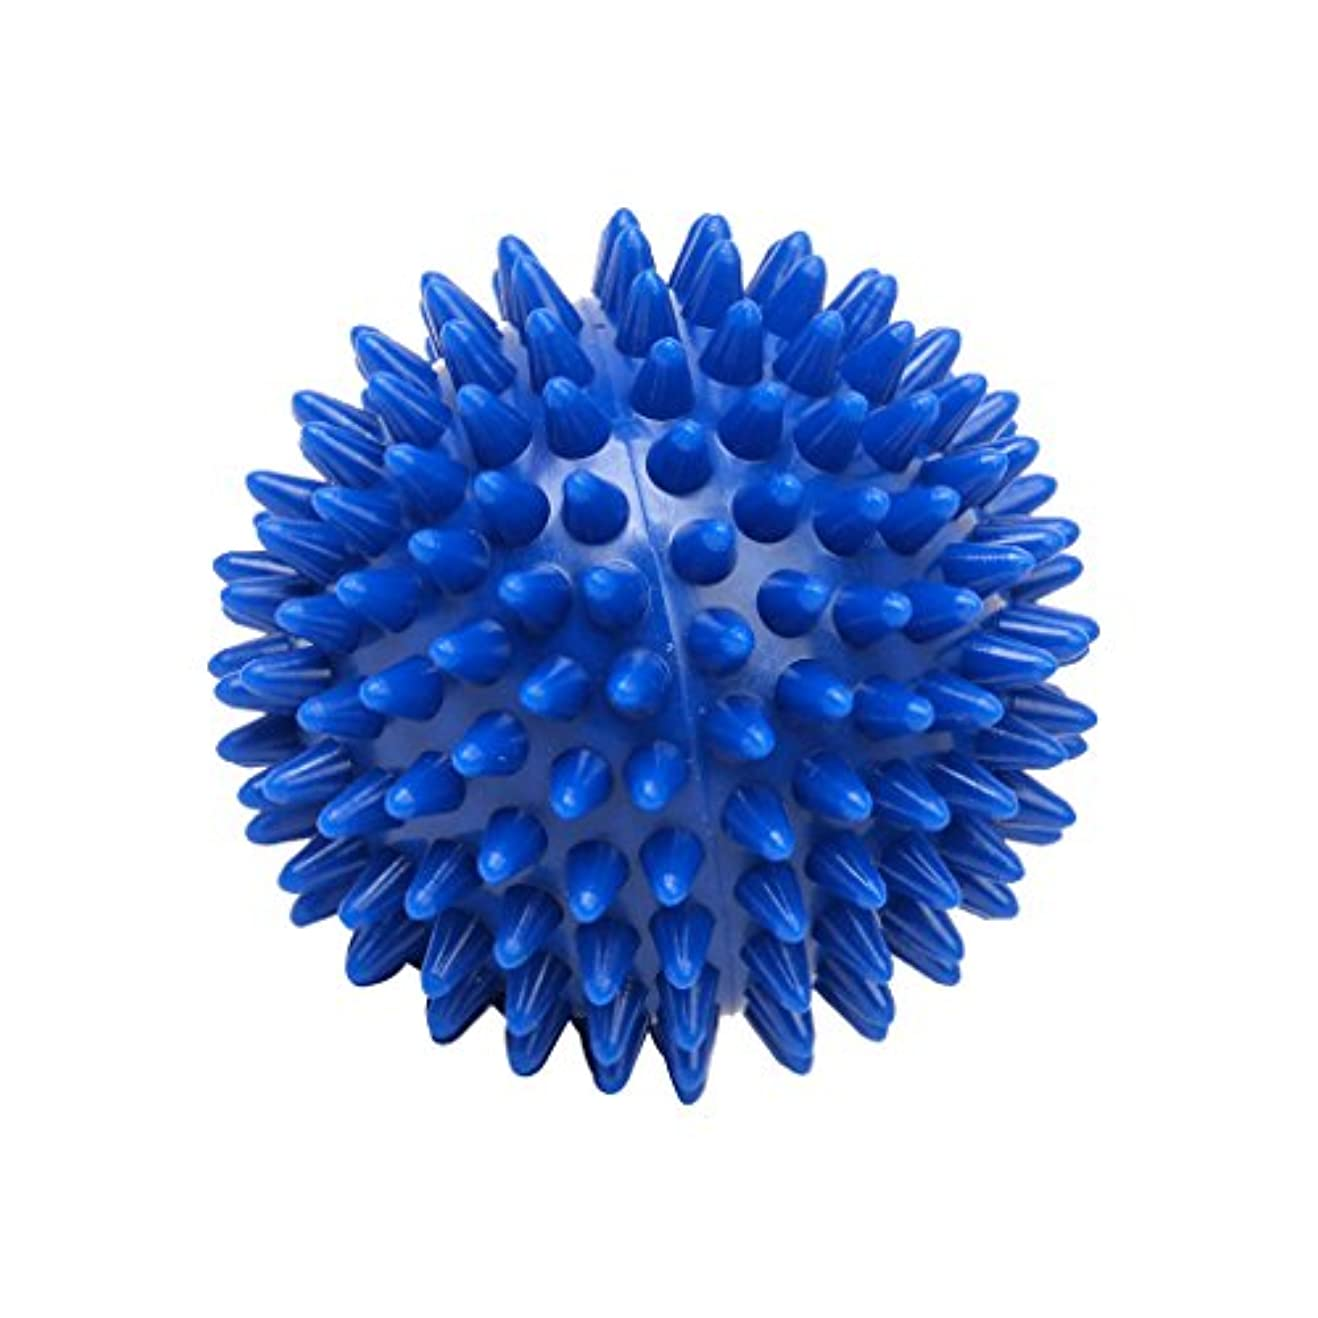 サイレン馬鹿変動するFootful マッサージボール 健康グッズ 健康器具 血液循環促進 緊張緩和 7cm ブルー